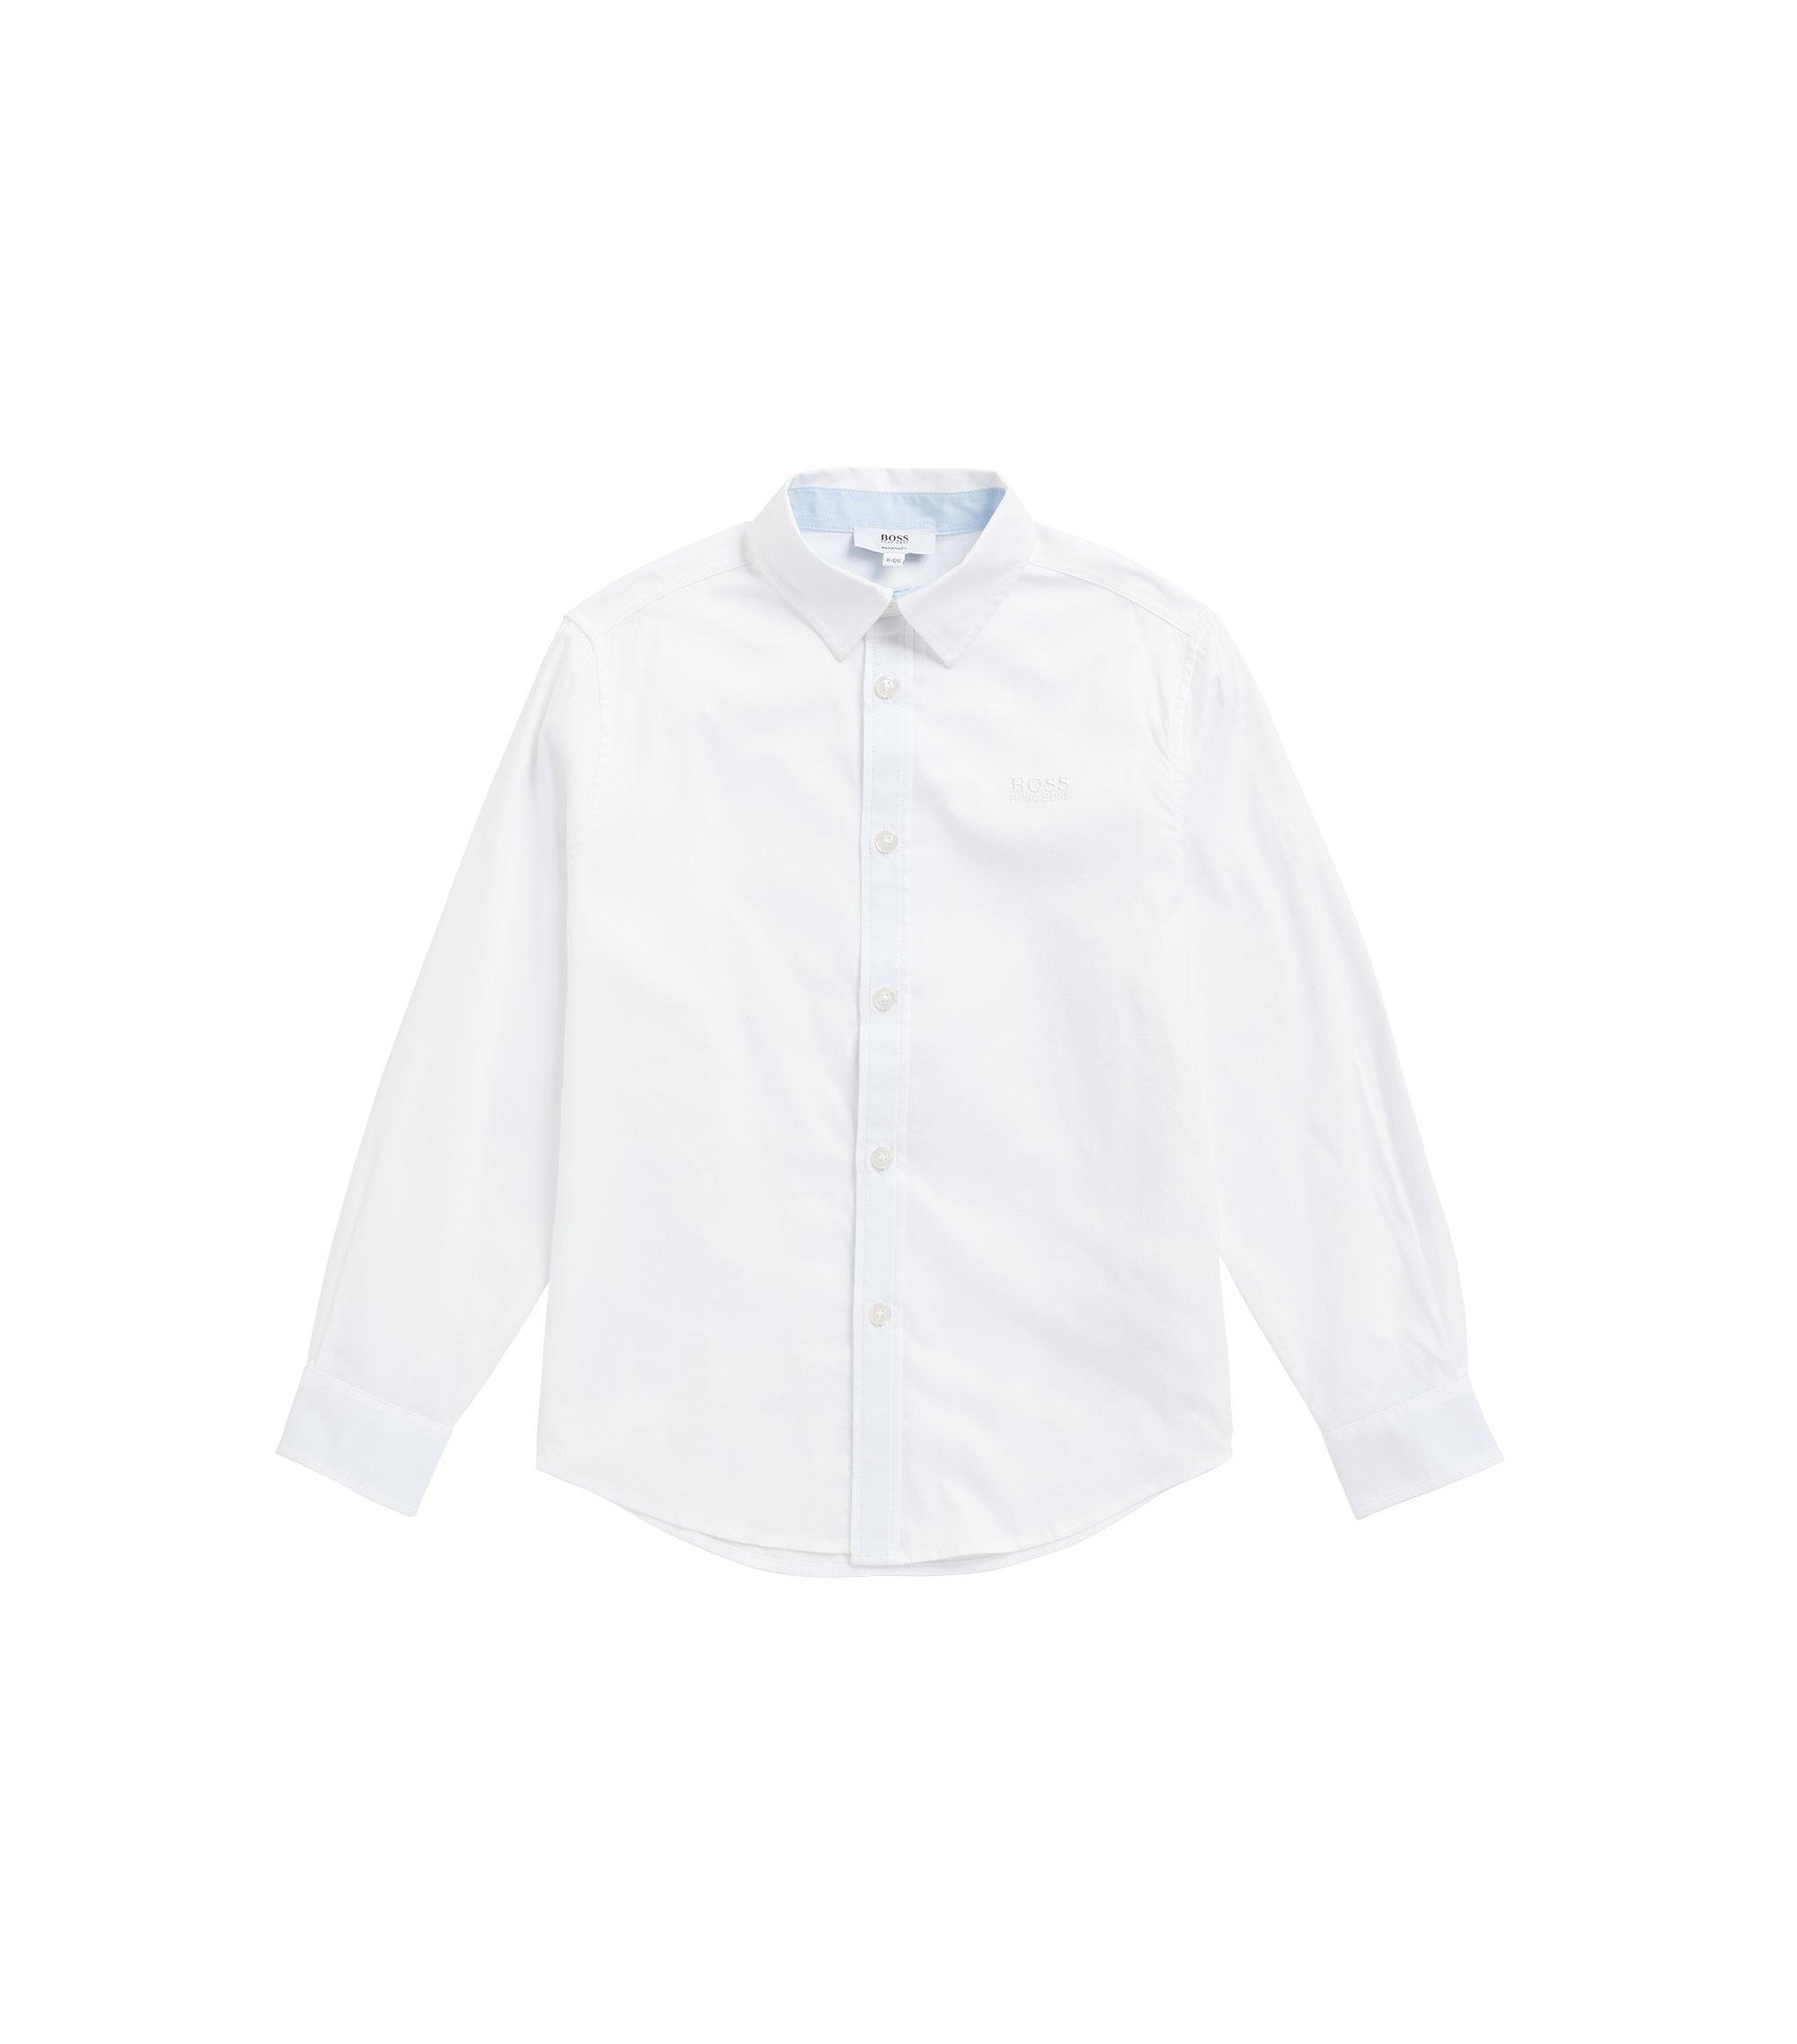 Chemise Regular Fit pour enfant, en coton fil-à-fil, Blanc